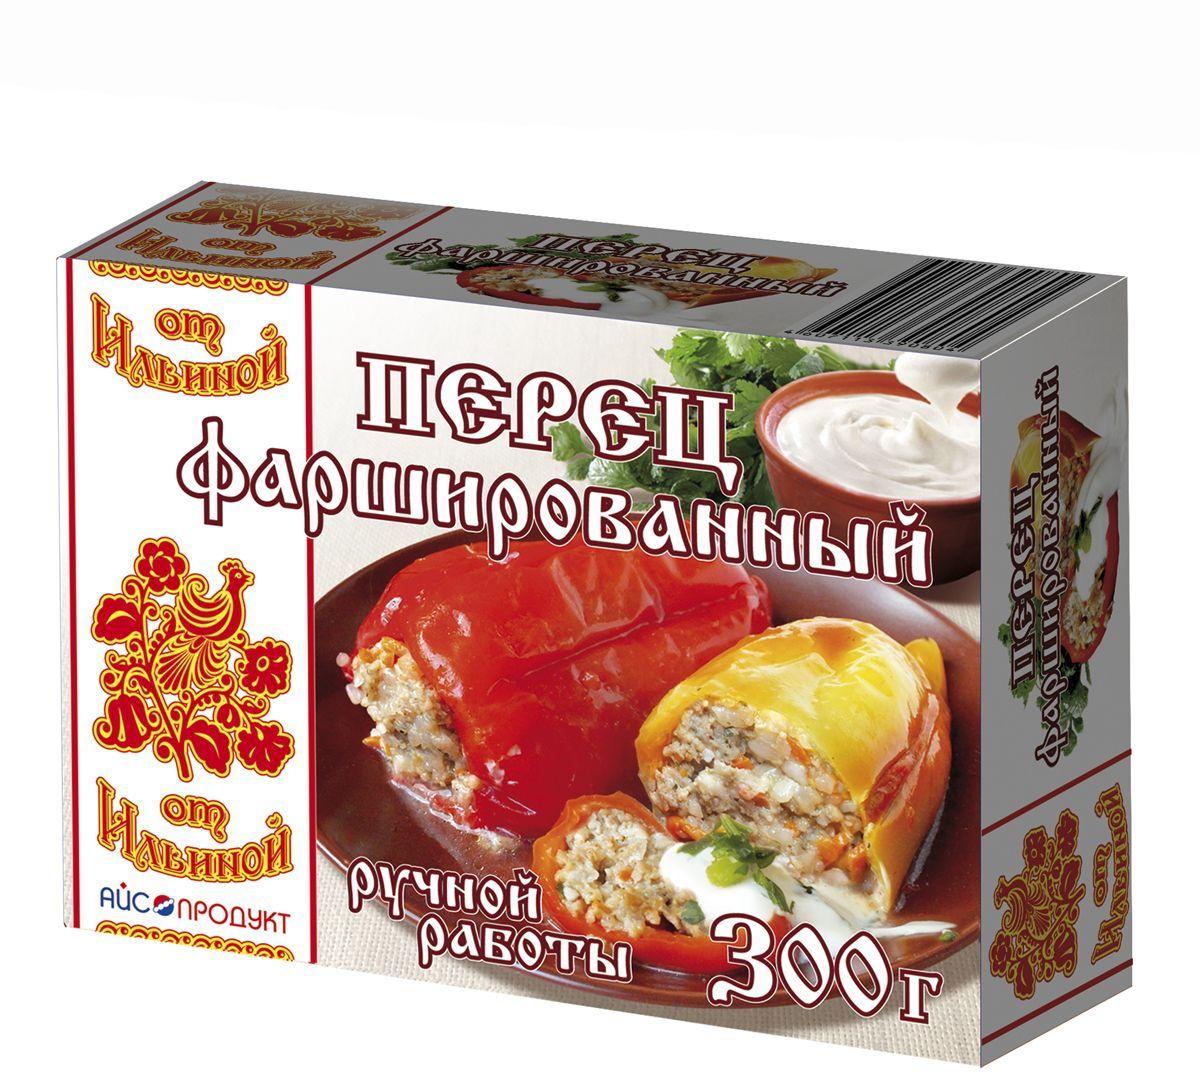 От Ильиной Перец фаршированный ручной работы, 300 г758Фаршированные перцы - необычайно вкусные, аппетитные, просты в приготовлении.